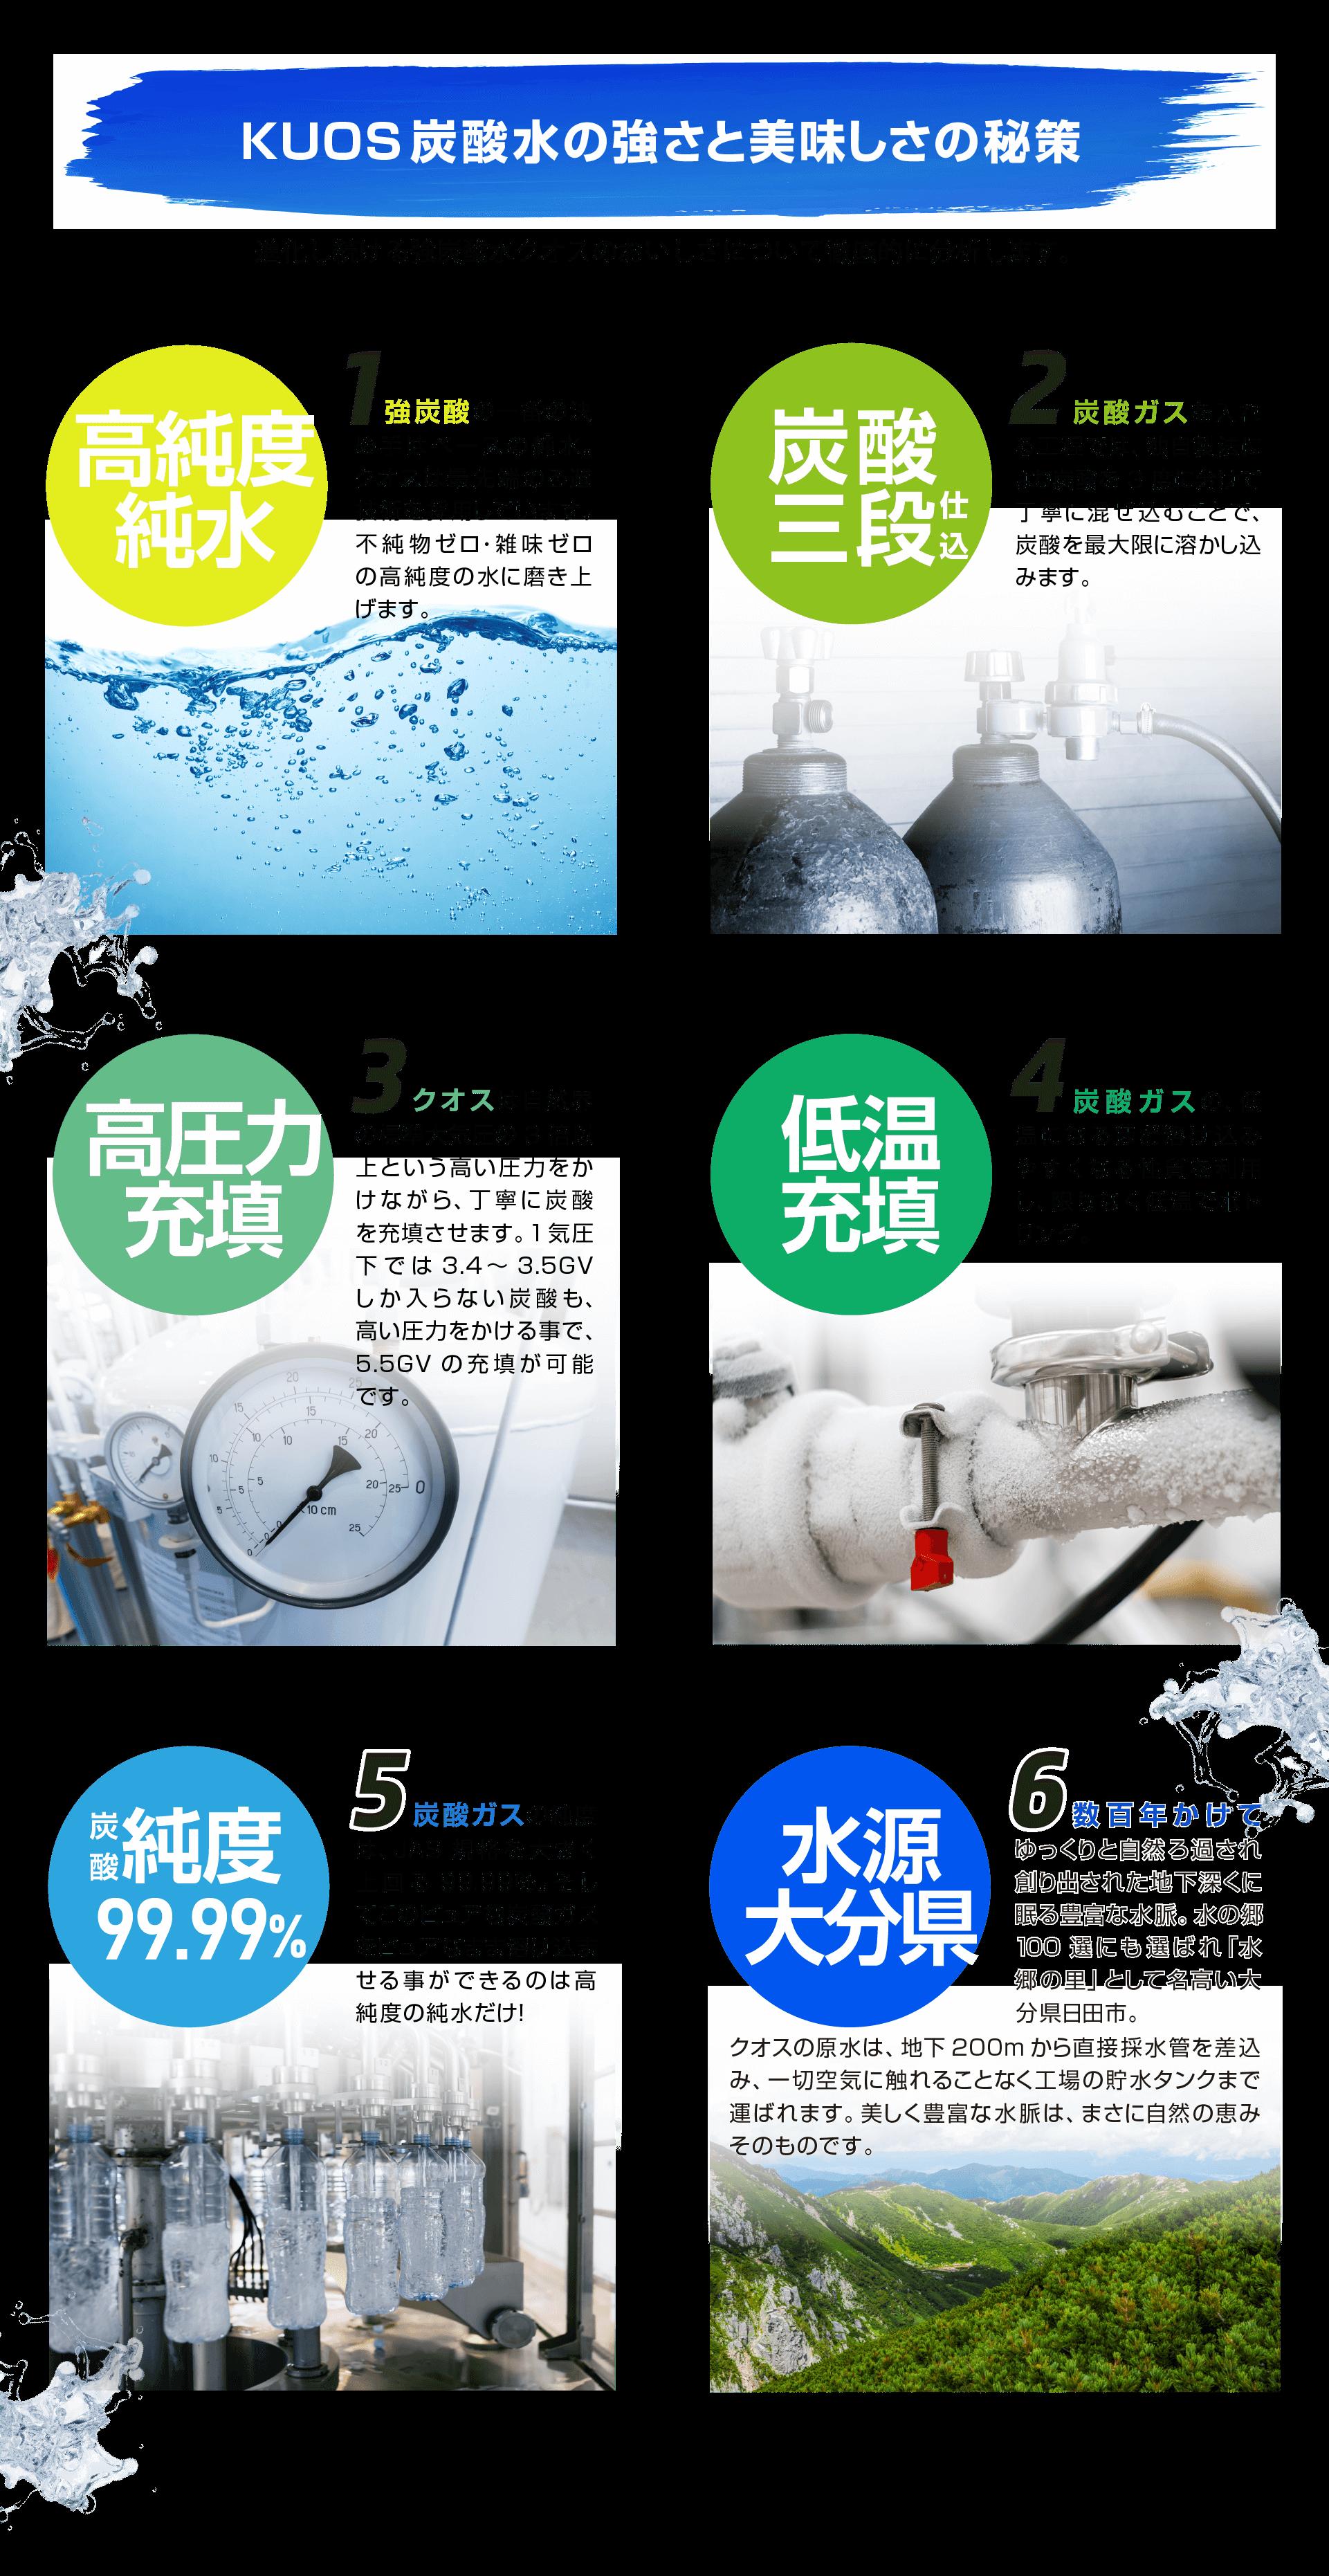 KUOS炭酸水の強さと美味しさの秘策。1.高純度の純水。2.炭酸三段仕込み。炭酸を3度に分けて丁寧に混ぜ込むことで最大限に溶かし込みます。3.高圧力充填。4.低温充填。5.炭酸純度99.99%。炭酸ガスの純度はJAS規格を大きく上回る99.99%。6.水源は水の郷100選にも選ばれた大分県日田市の地下200mの水。